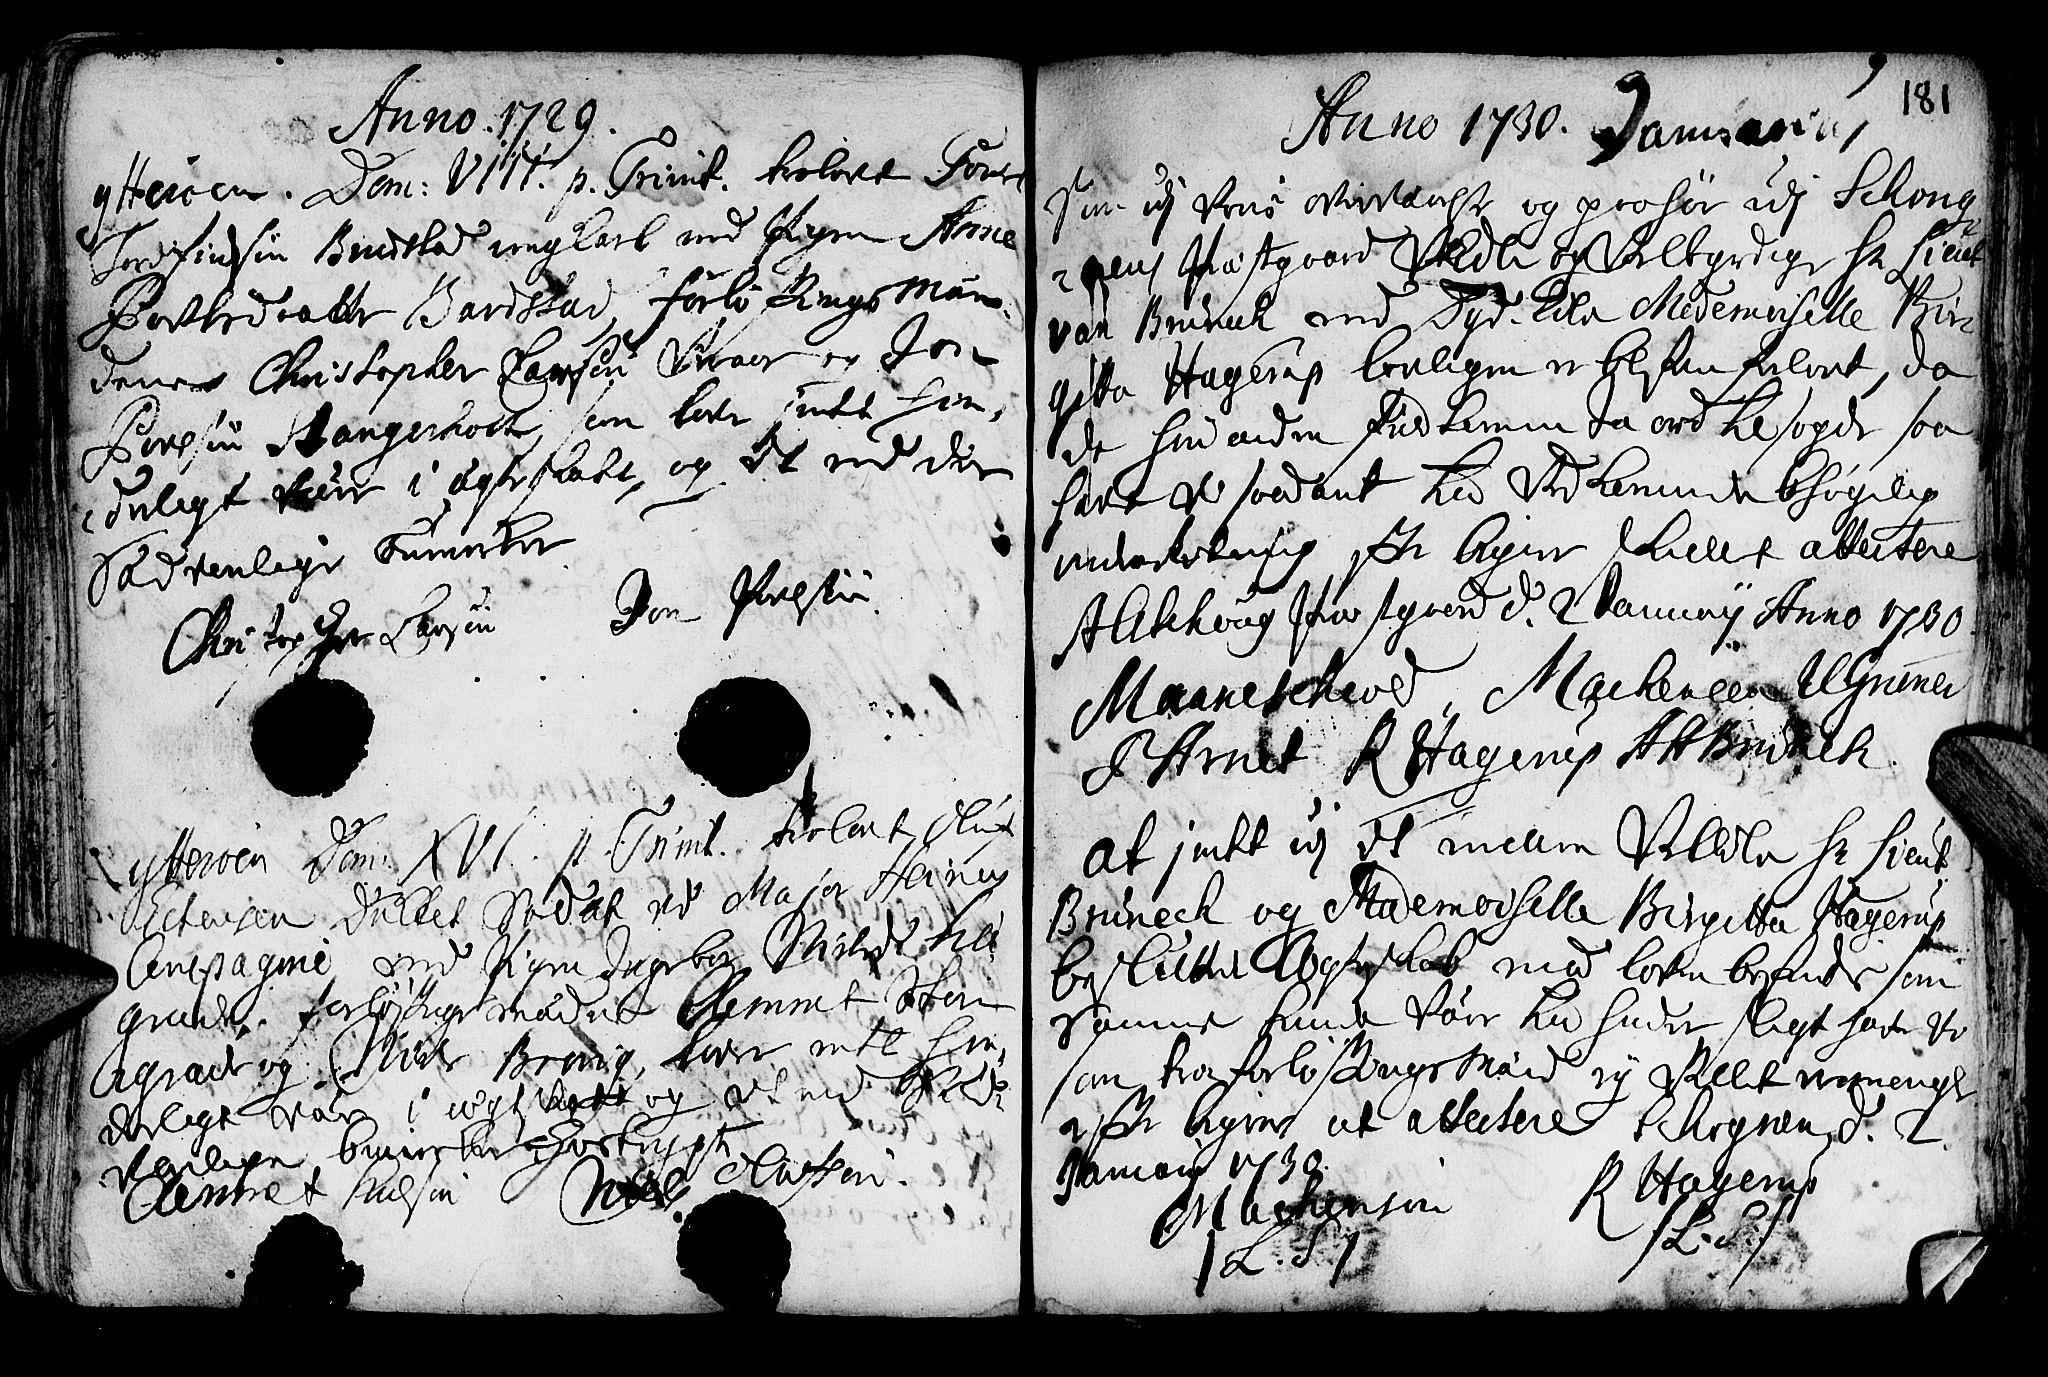 SAT, Ministerialprotokoller, klokkerbøker og fødselsregistre - Nord-Trøndelag, 722/L0215: Ministerialbok nr. 722A02, 1718-1755, s. 181